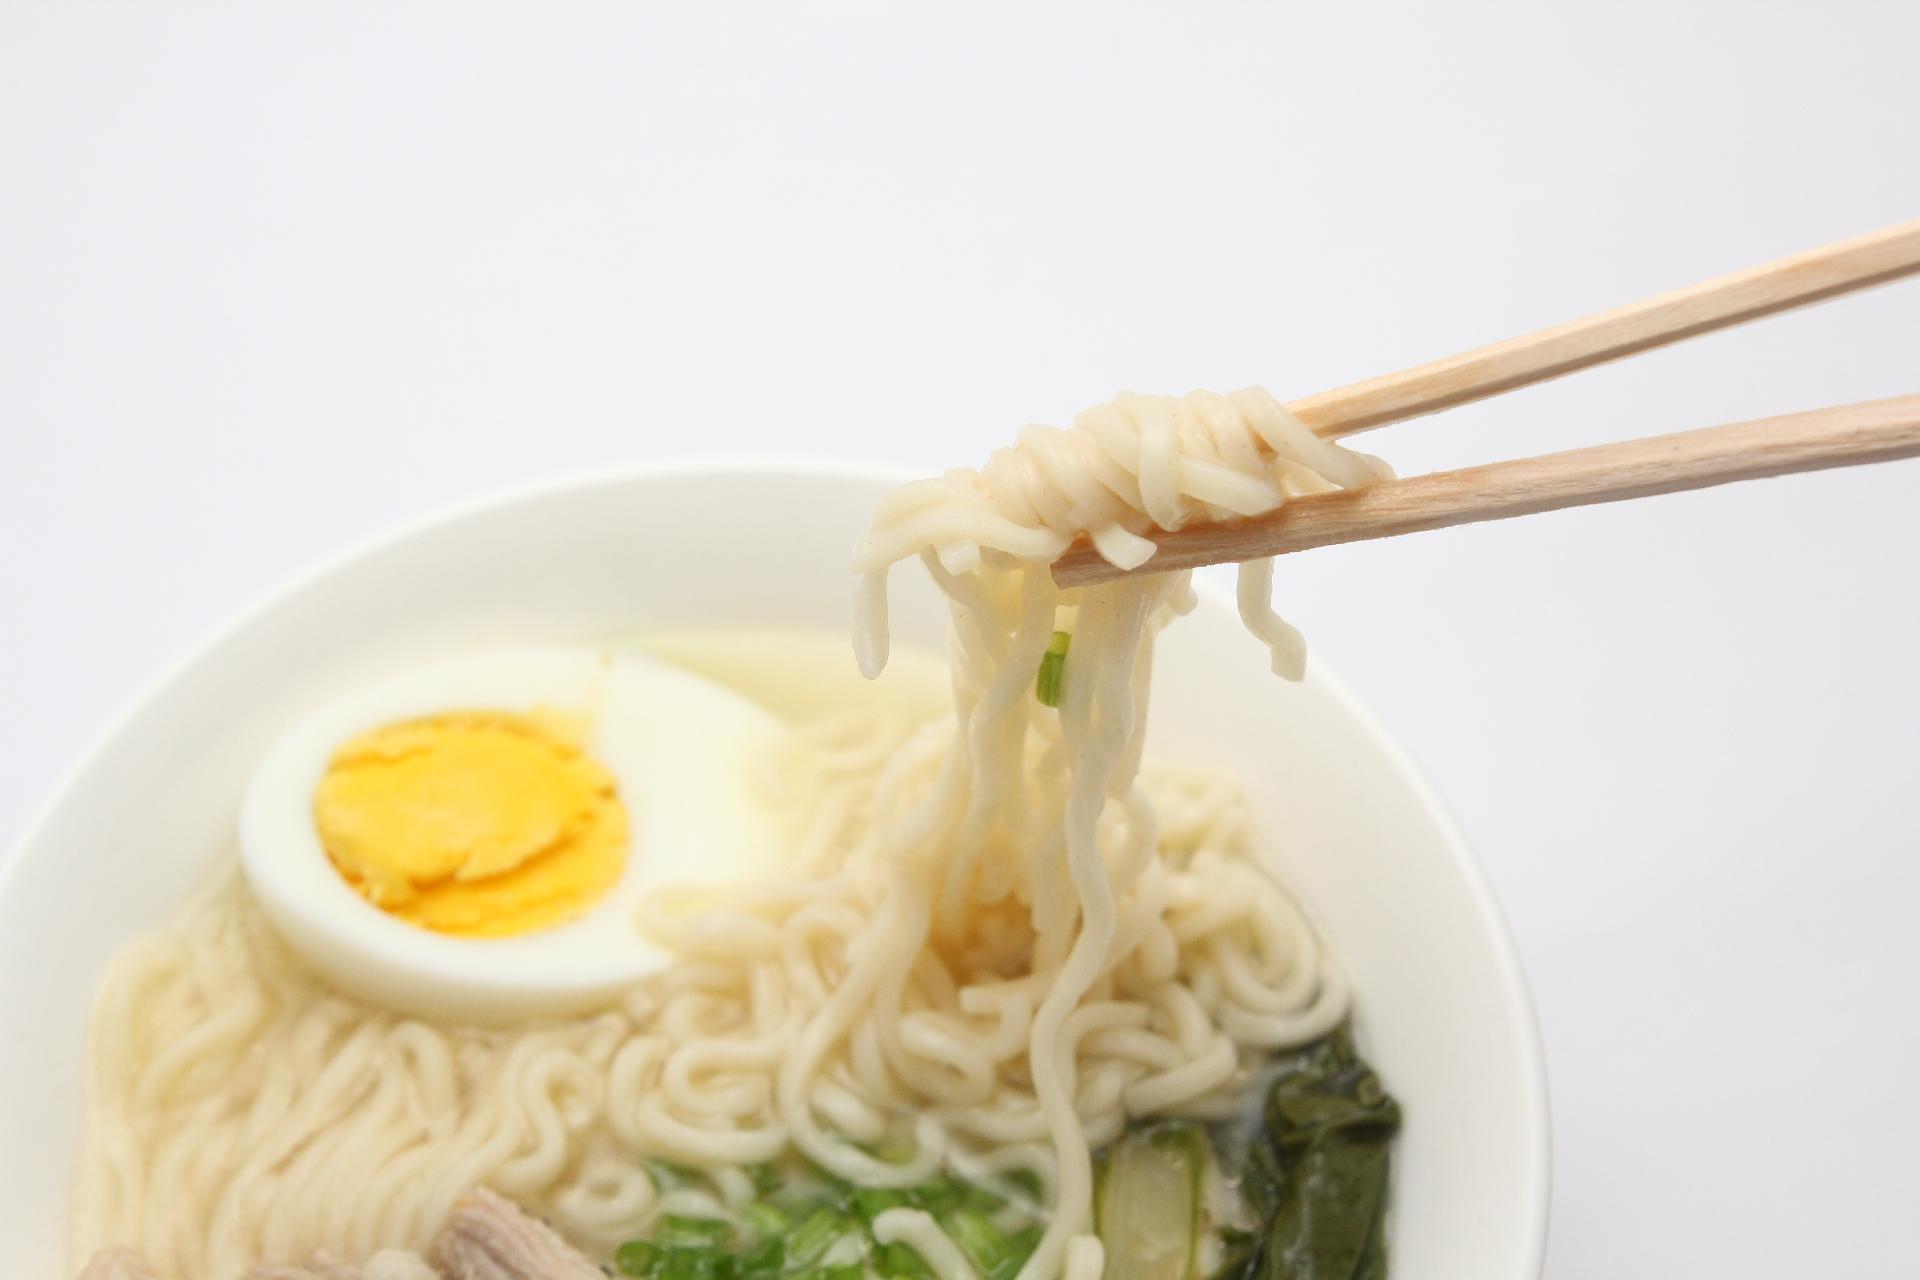 「宅麺」で有名なグルメイノベーションがセレクト型ラーメン店を海外に開設